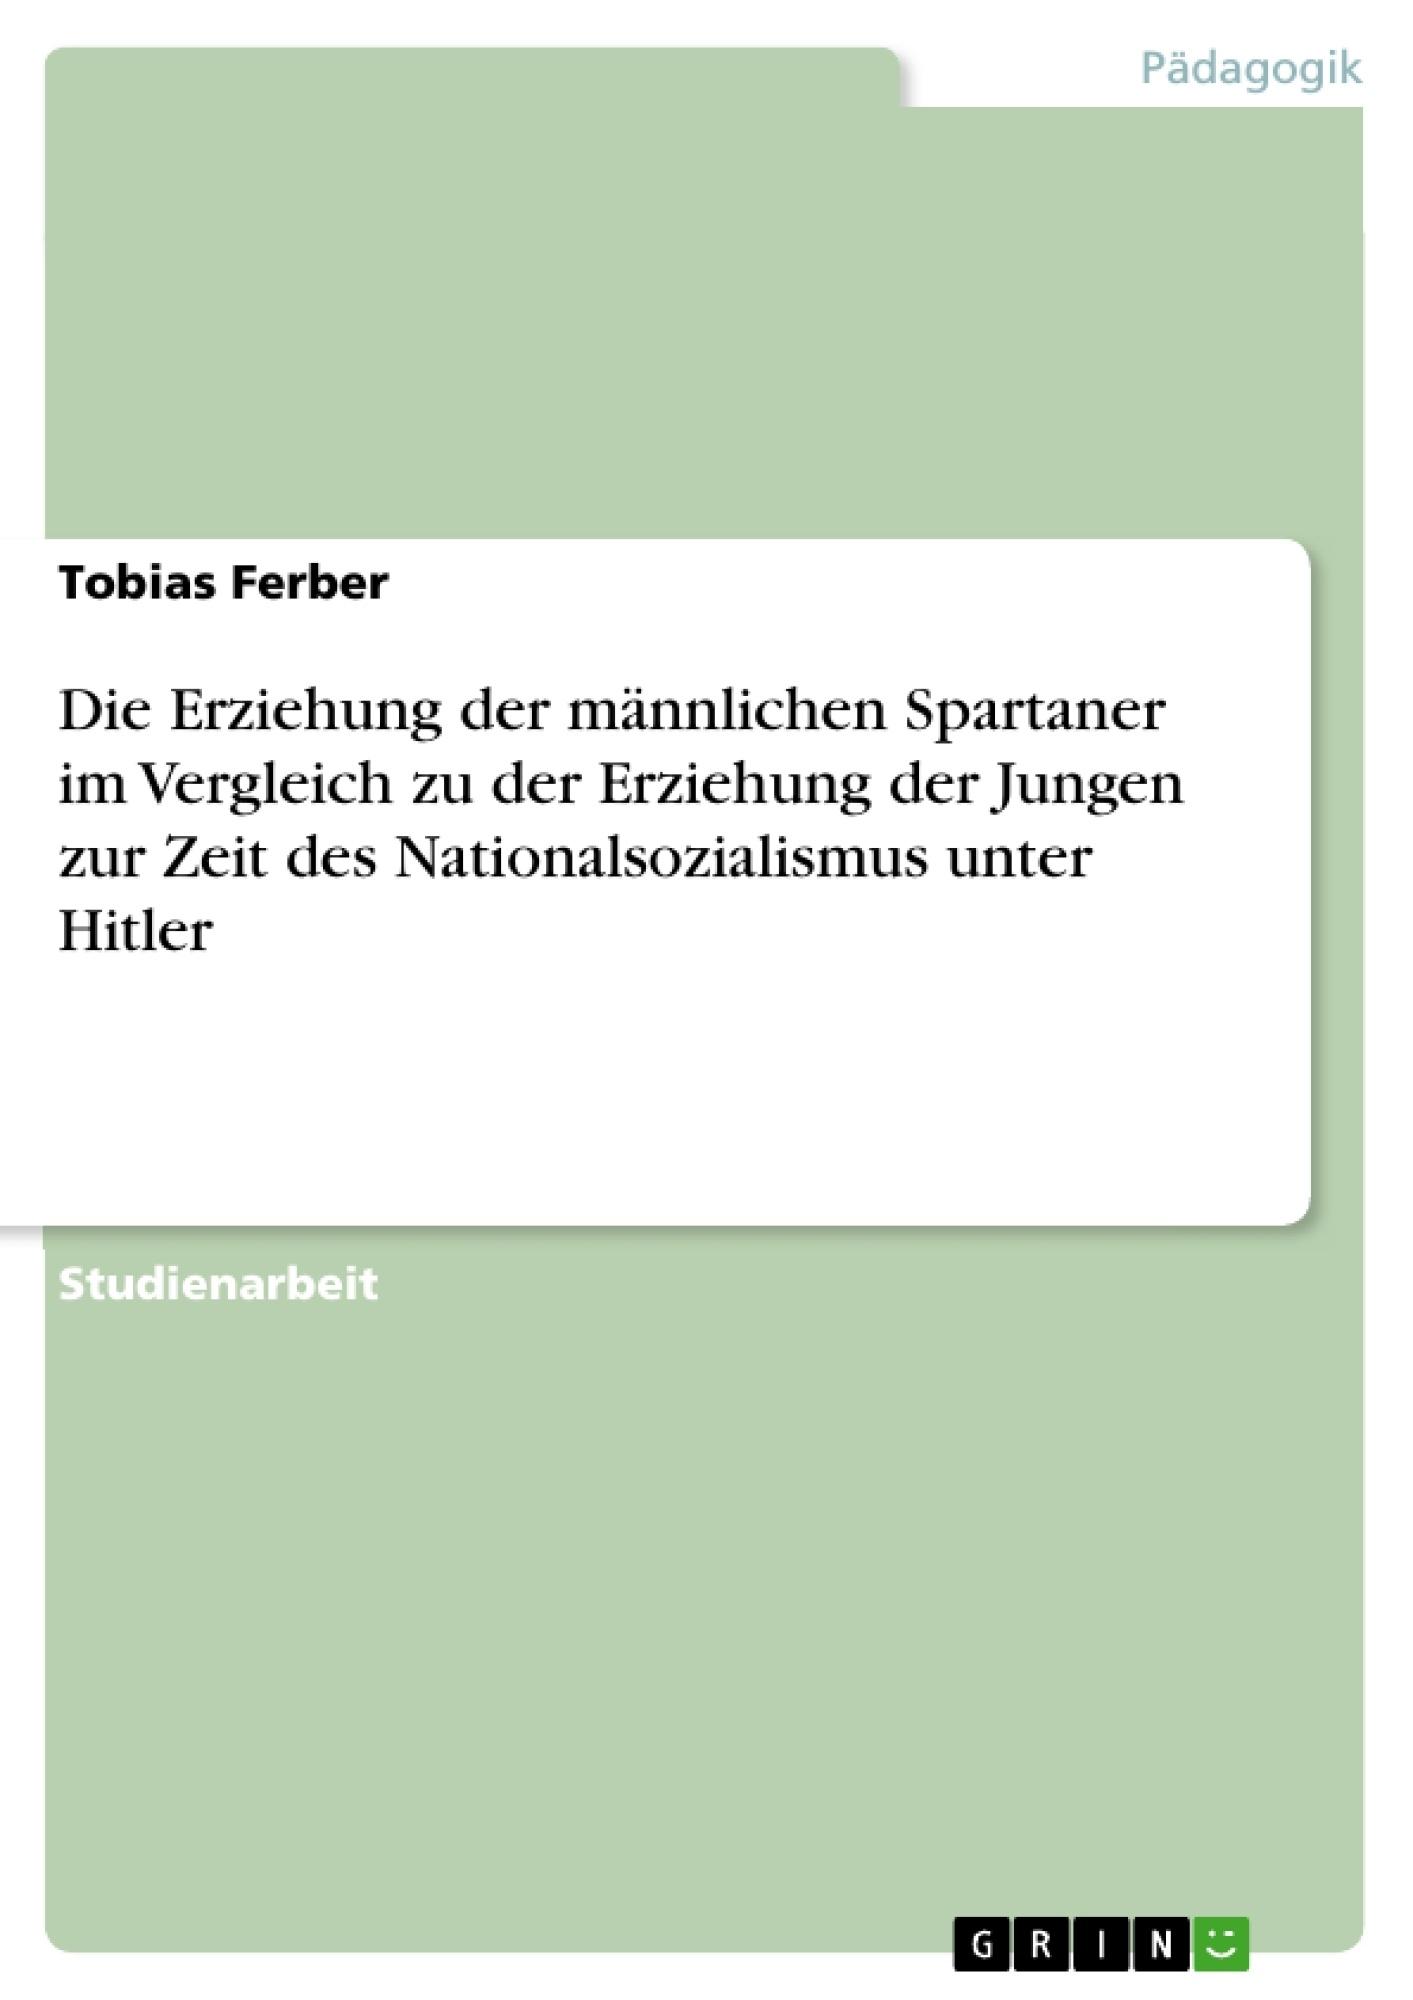 Titel: Die Erziehung der männlichen Spartaner im Vergleich zu der Erziehung der Jungen zur Zeit des Nationalsozialismus unter Hitler